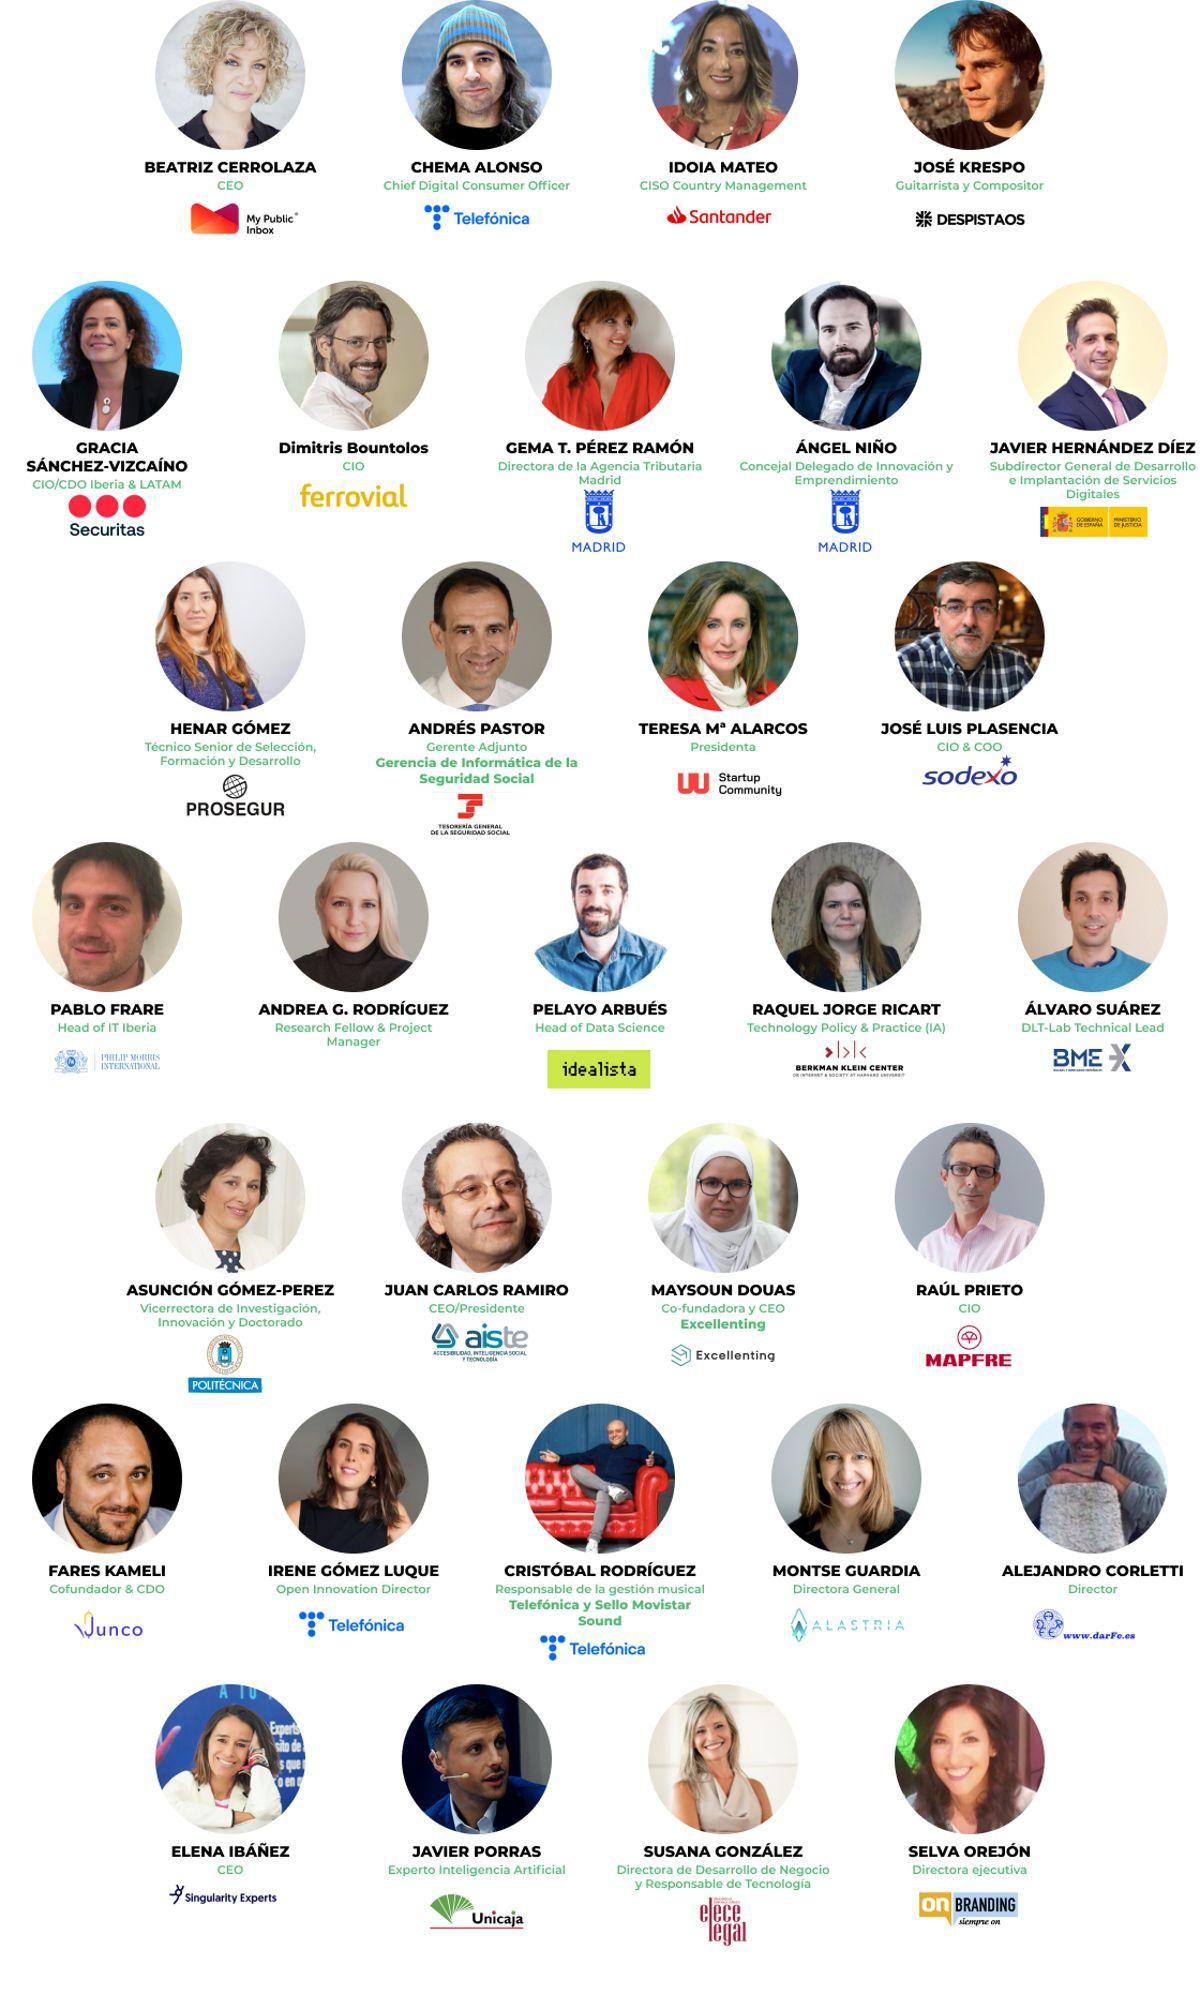 Imagenes de los ponentes y participantes de la OpenExpo Virtual Experience 2021